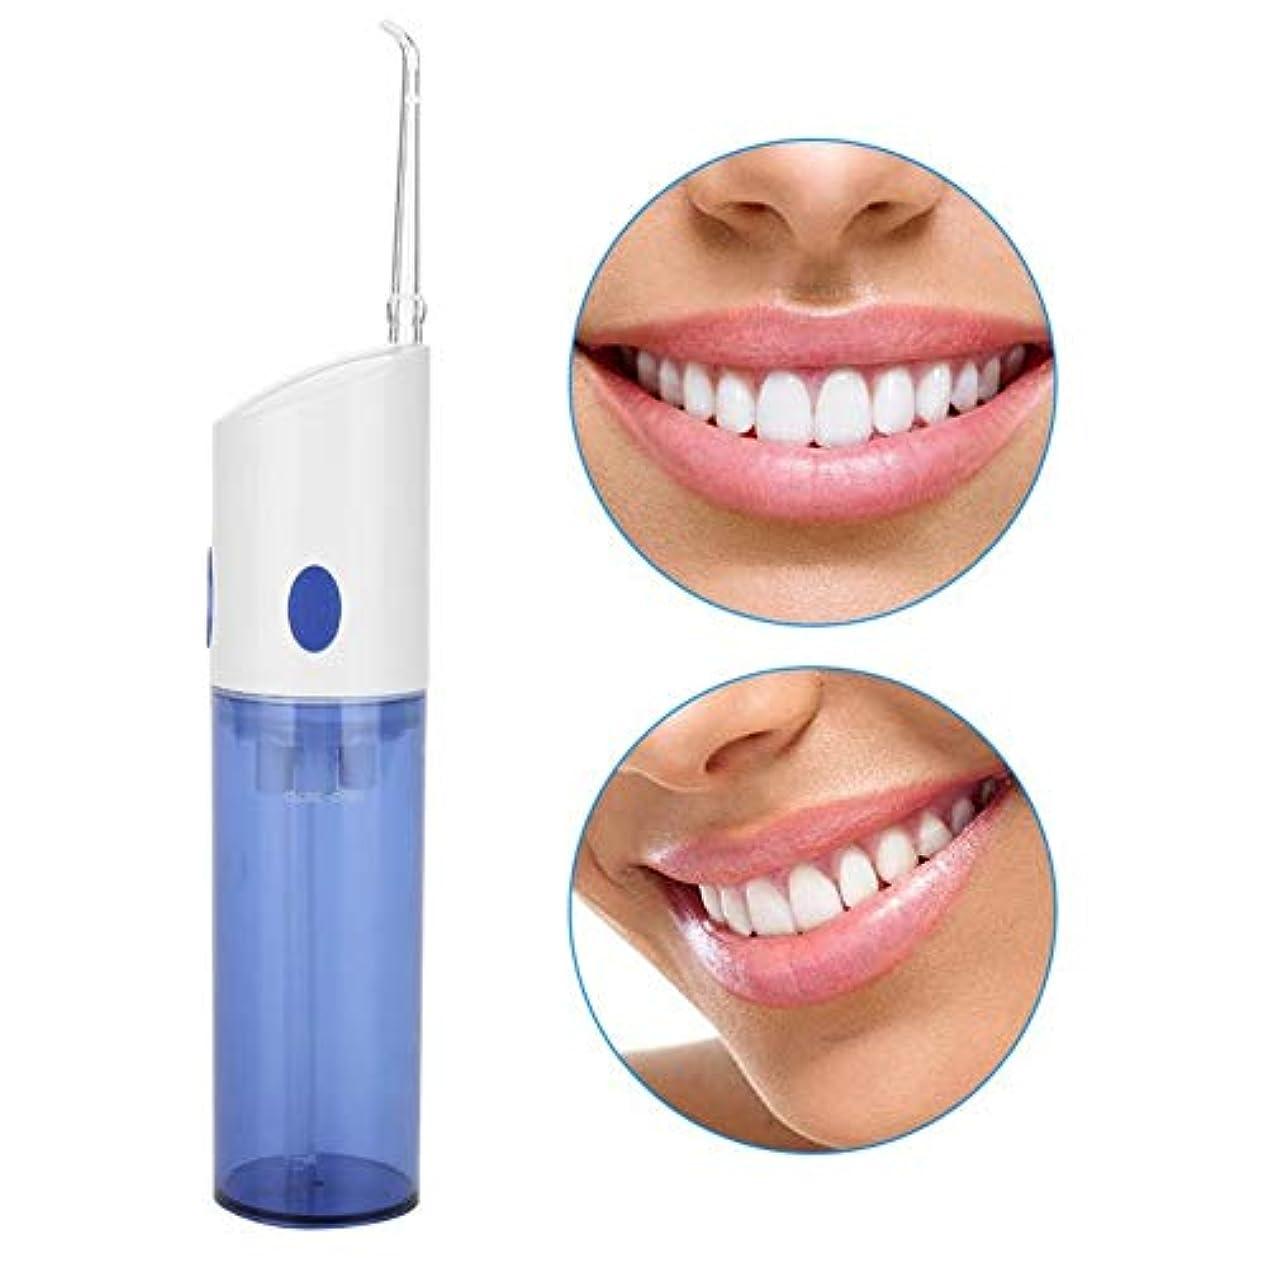 余暇ハンバーガーあさりZHQI-HEAL Waterpulse歯科フロッサーusb充電式歯科灌漑FDAイリゲーターポータブルウォーターフロッサー電動歯クリーナー (色 : 青)